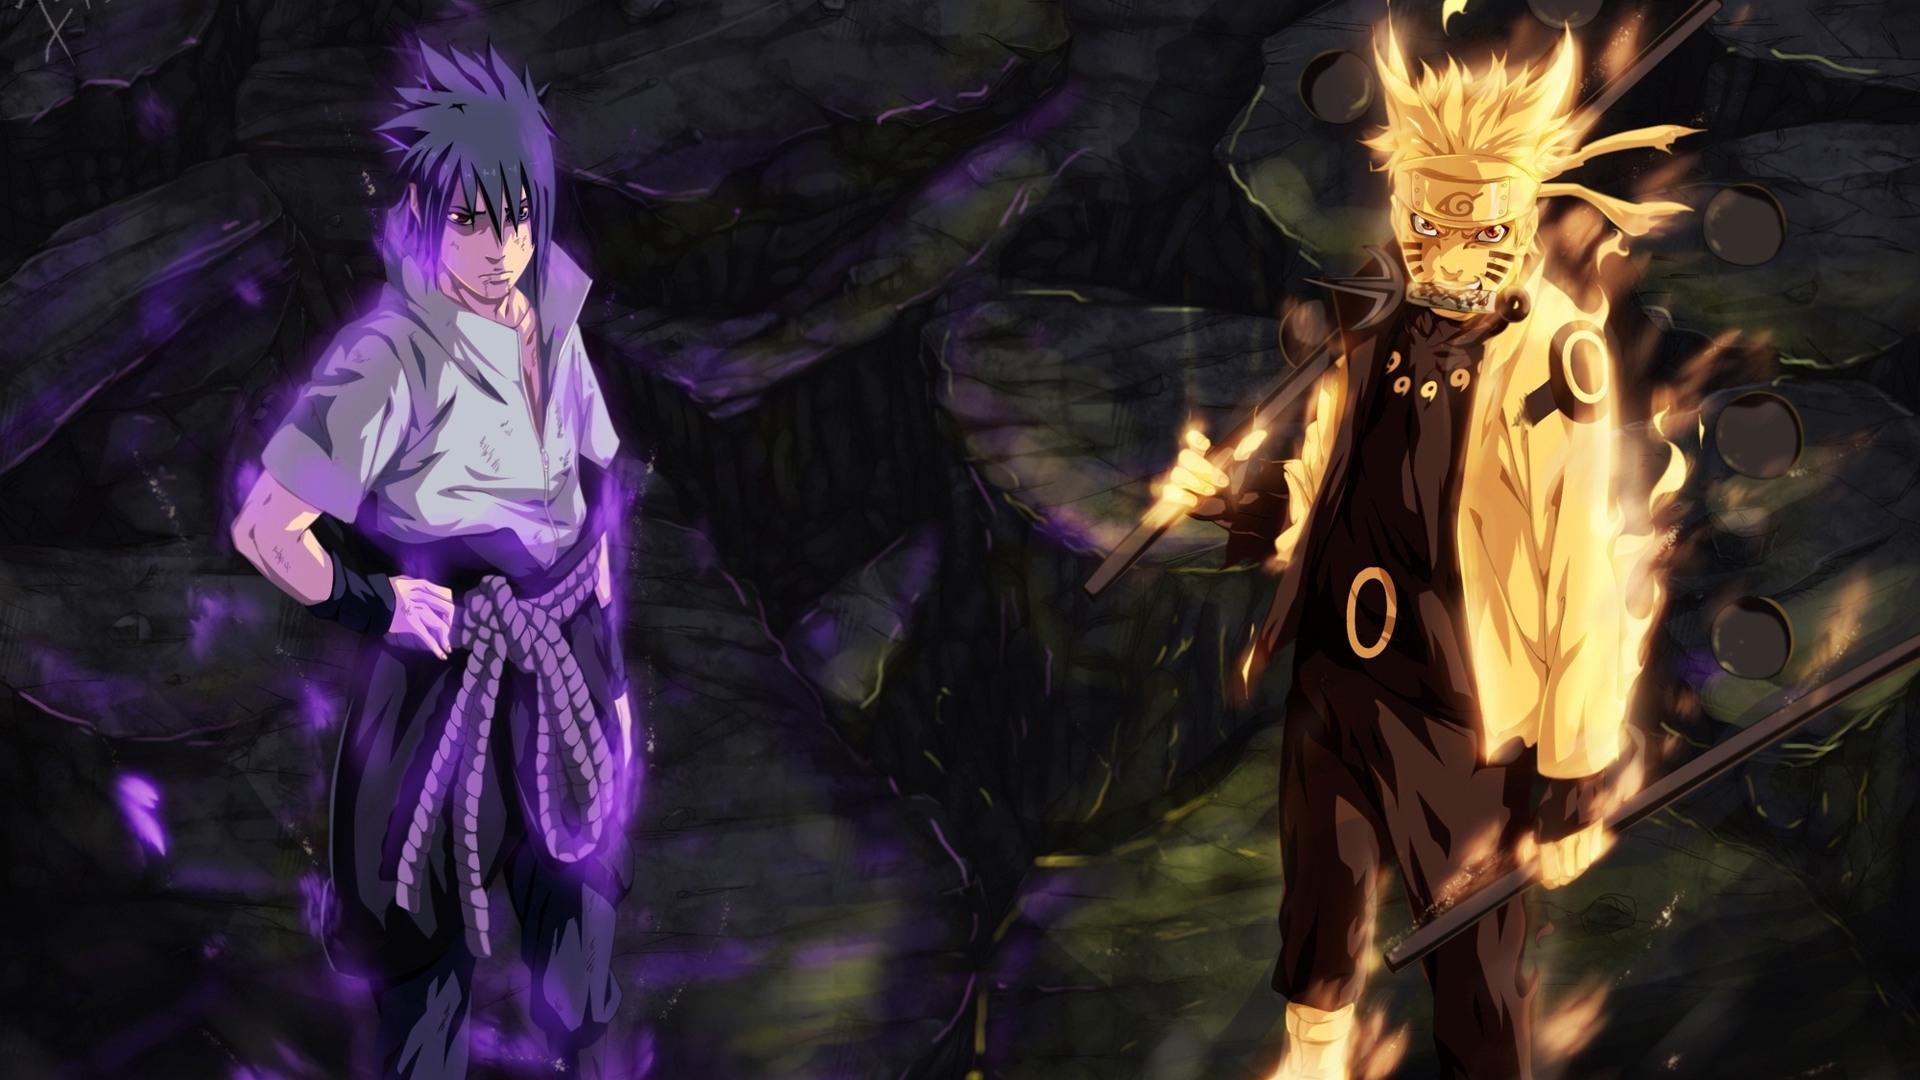 sasuke and naruto six path sage wallpaper #9535